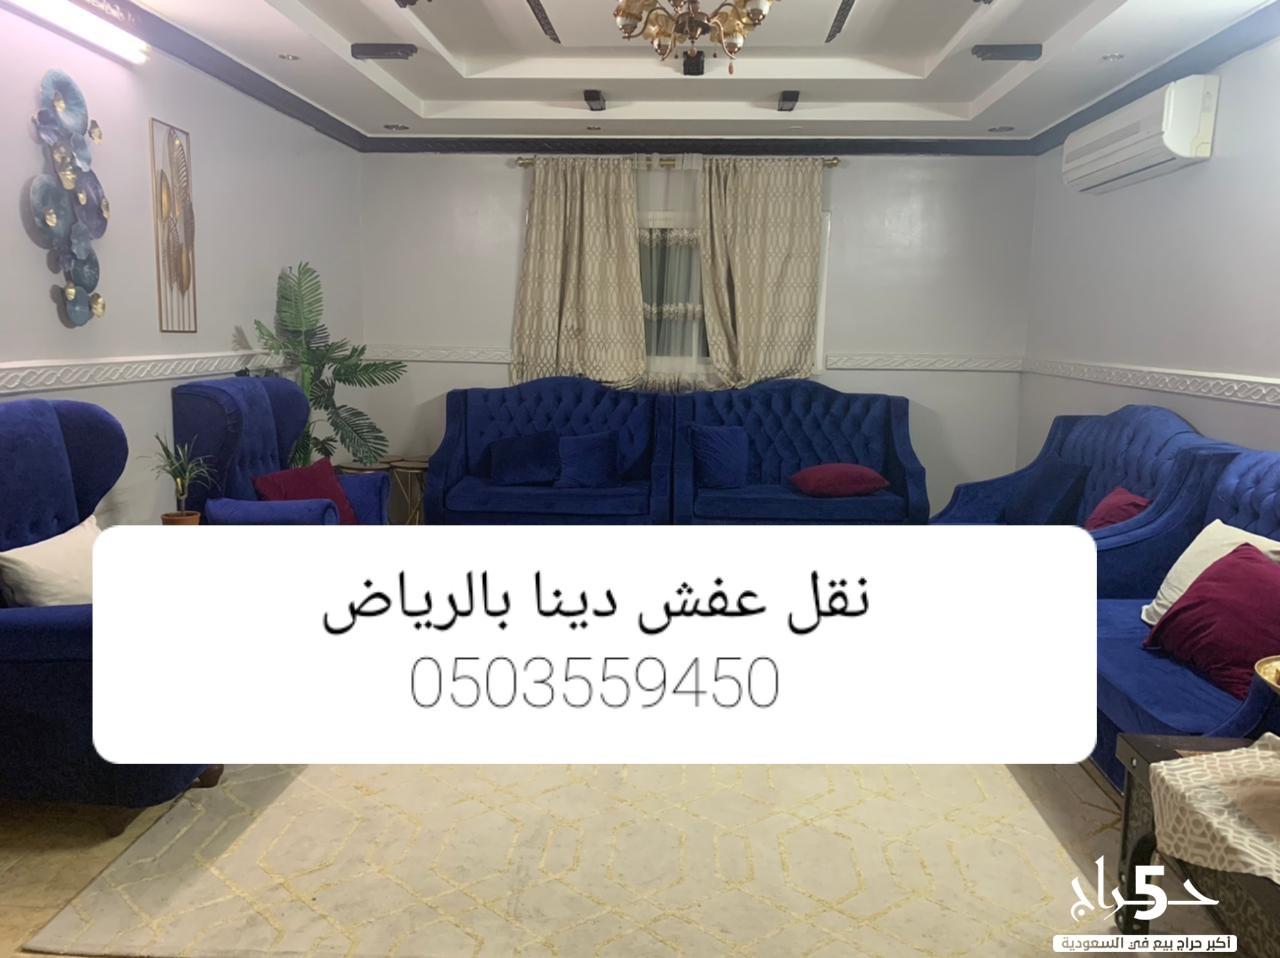 دينا نقل عفش حي اليرموك حي الخليج 0503559450